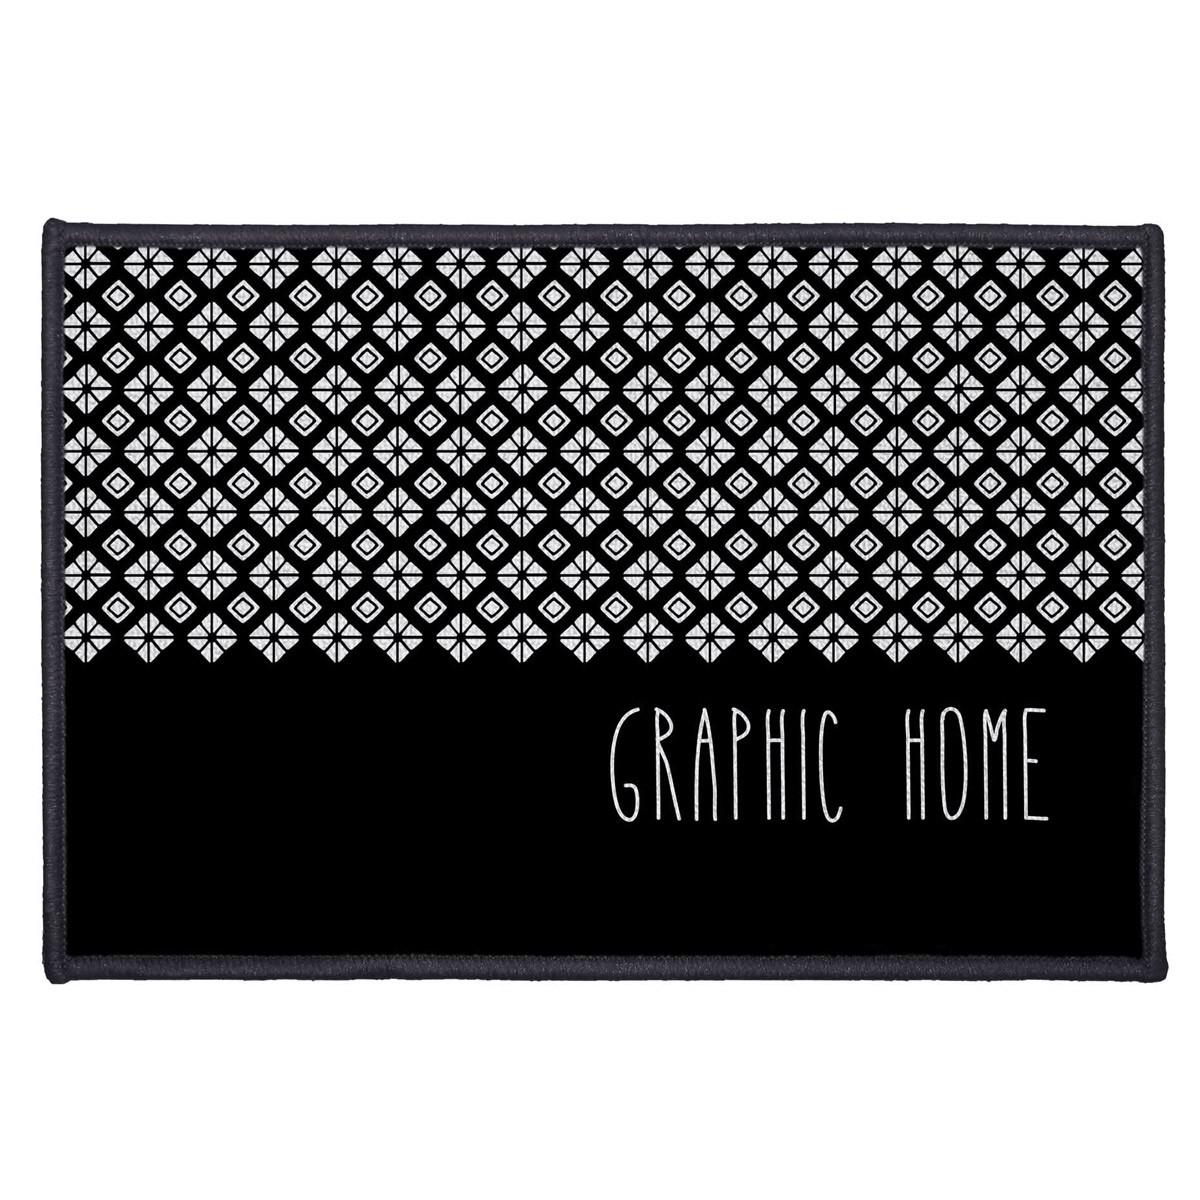 Πατάκι (40×60) Graphic Home 1740544 88006